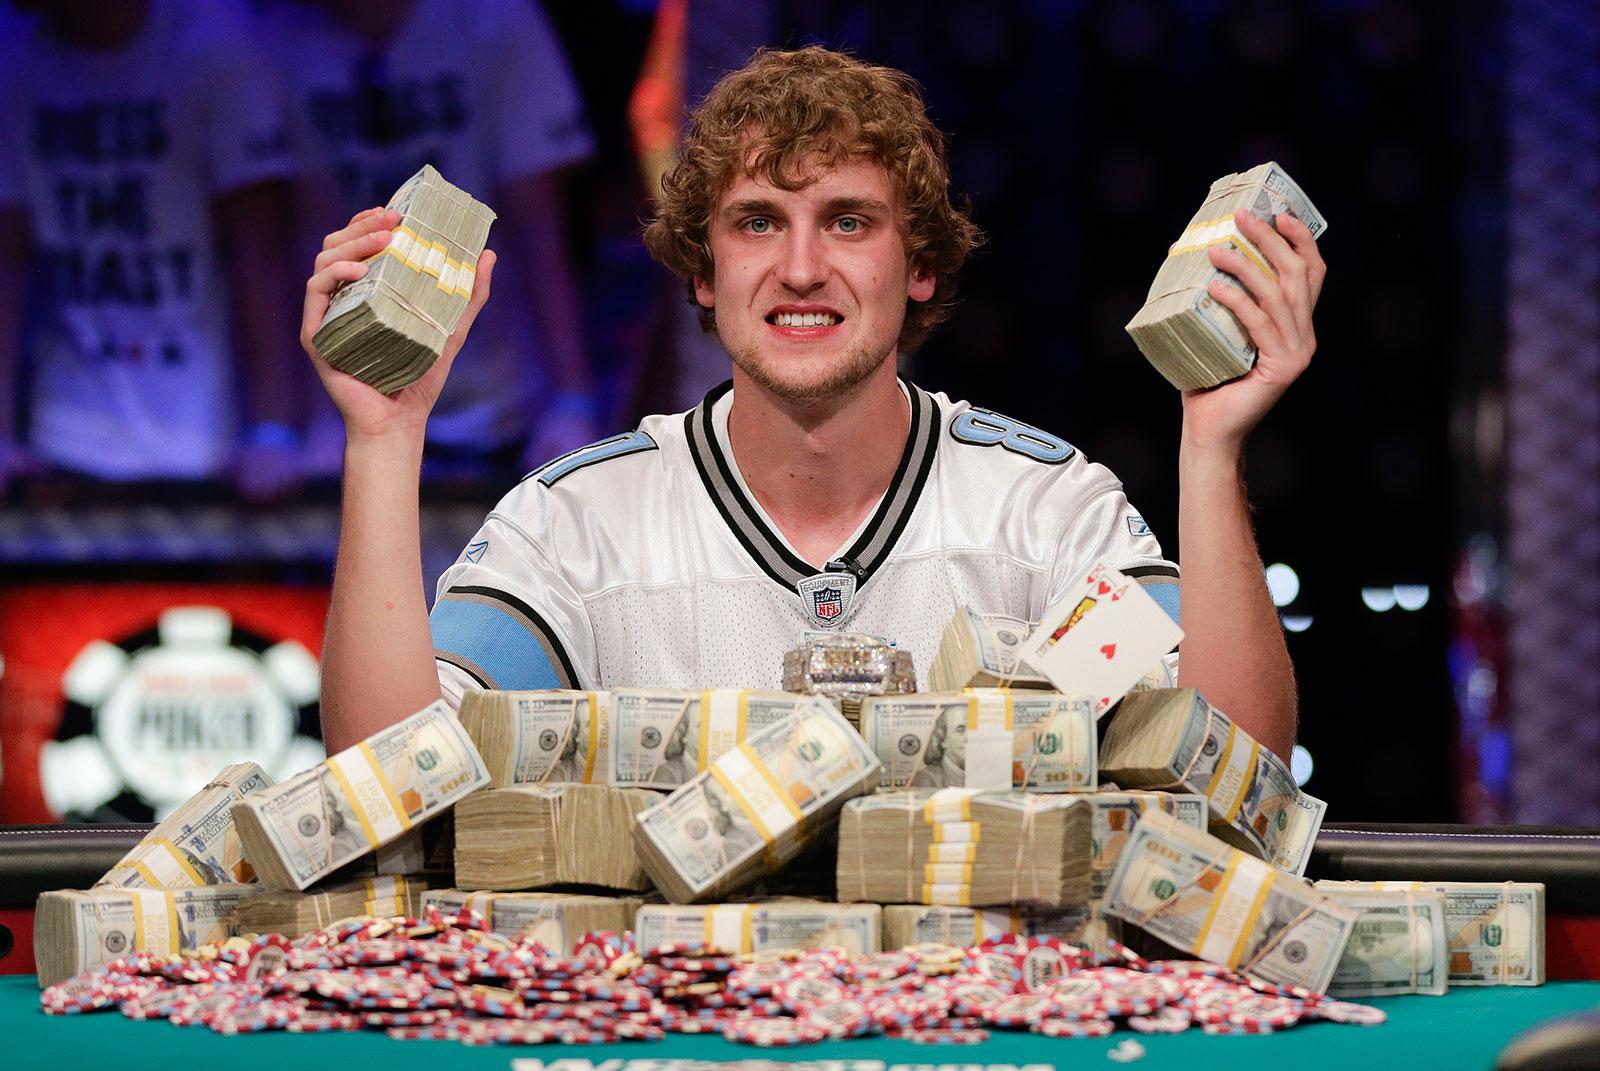 Geld gewinnen bei Turnieren in Online-Spielen